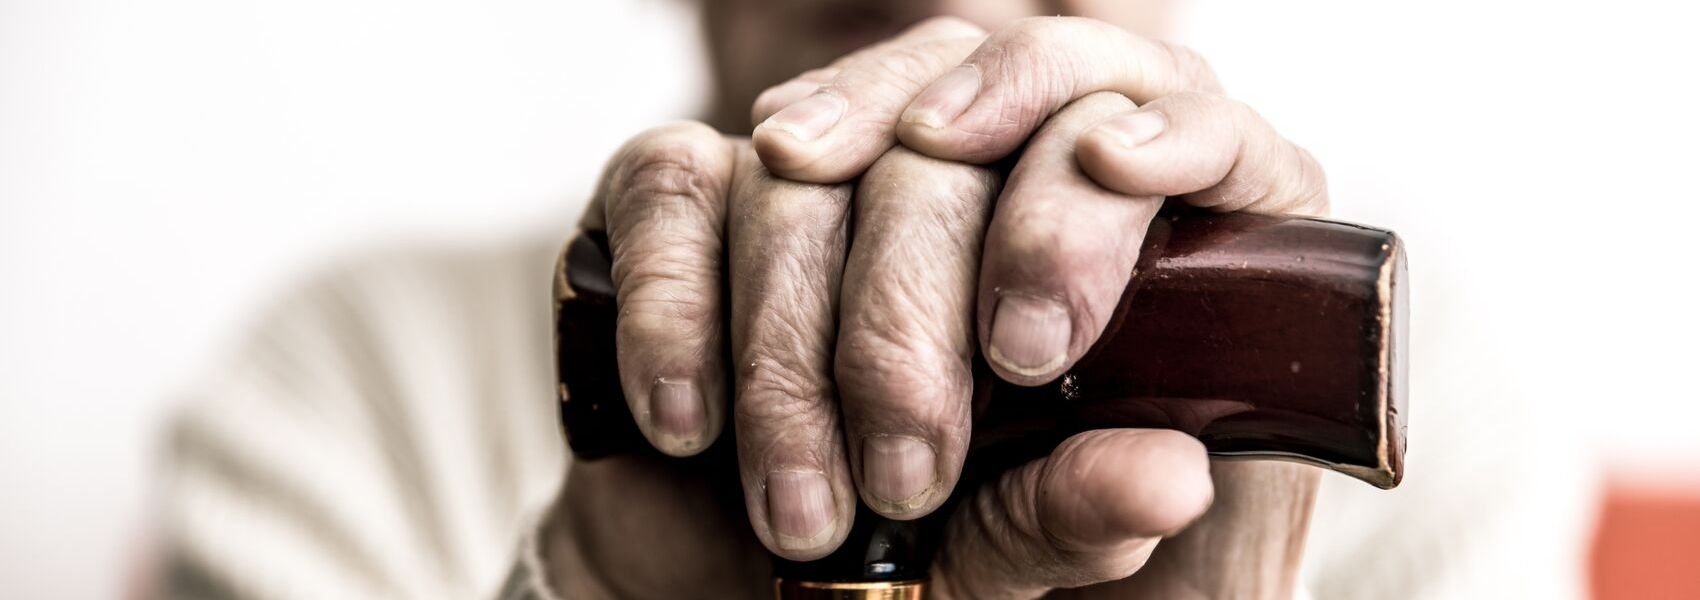 diferenças na doença de Parkinson